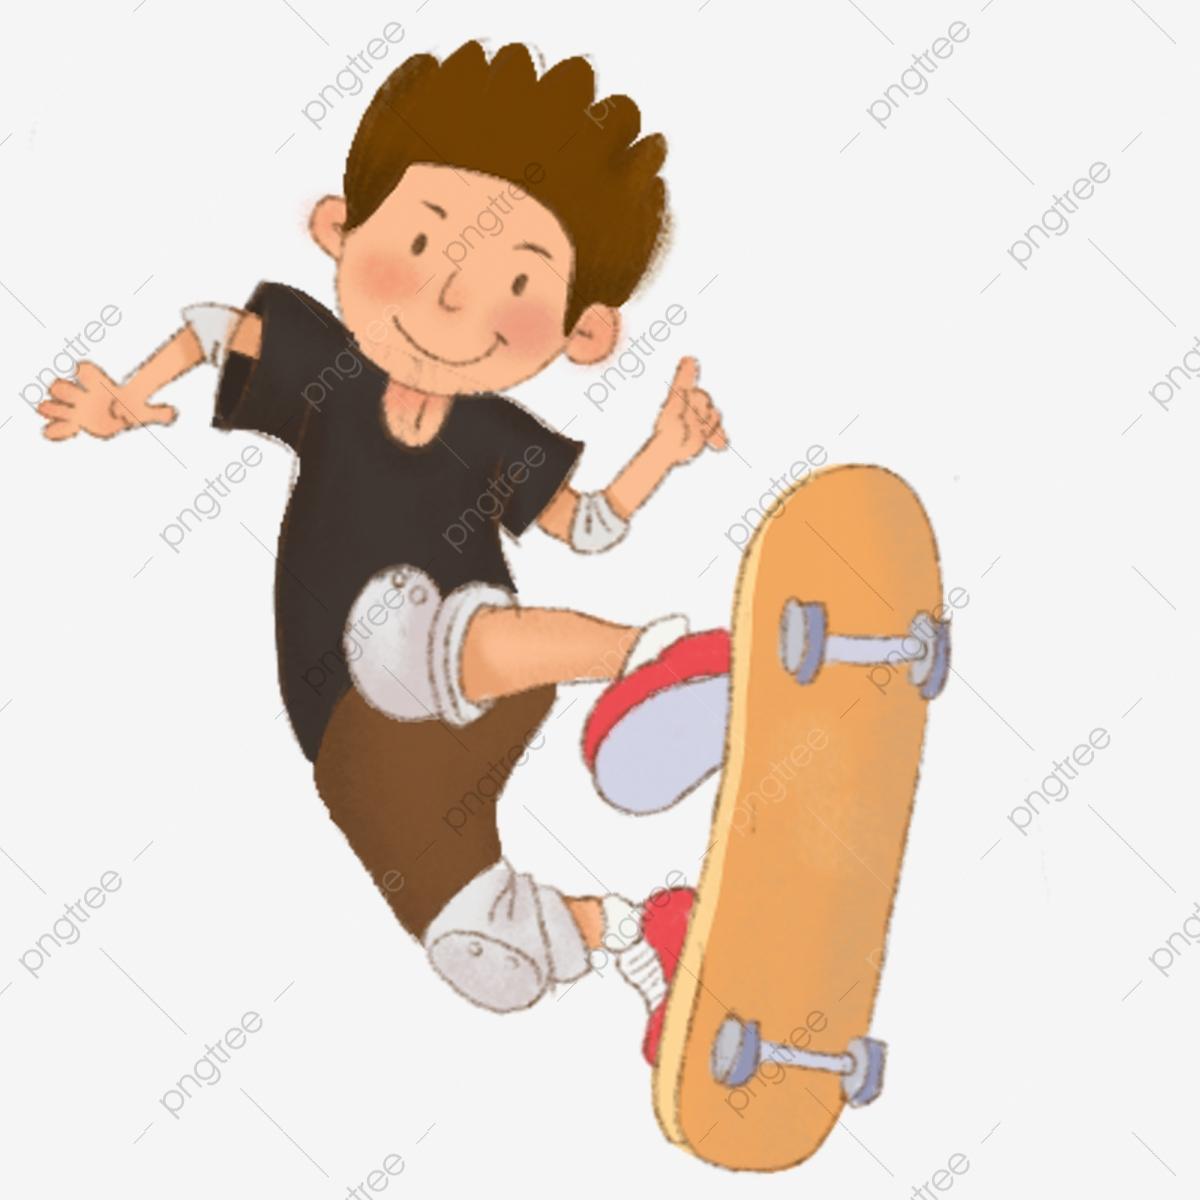 Petit Garçon Skateboard Garçon Mignon Jeu Personnage Dessiné serapportantà Jeux Des Petit Garçon